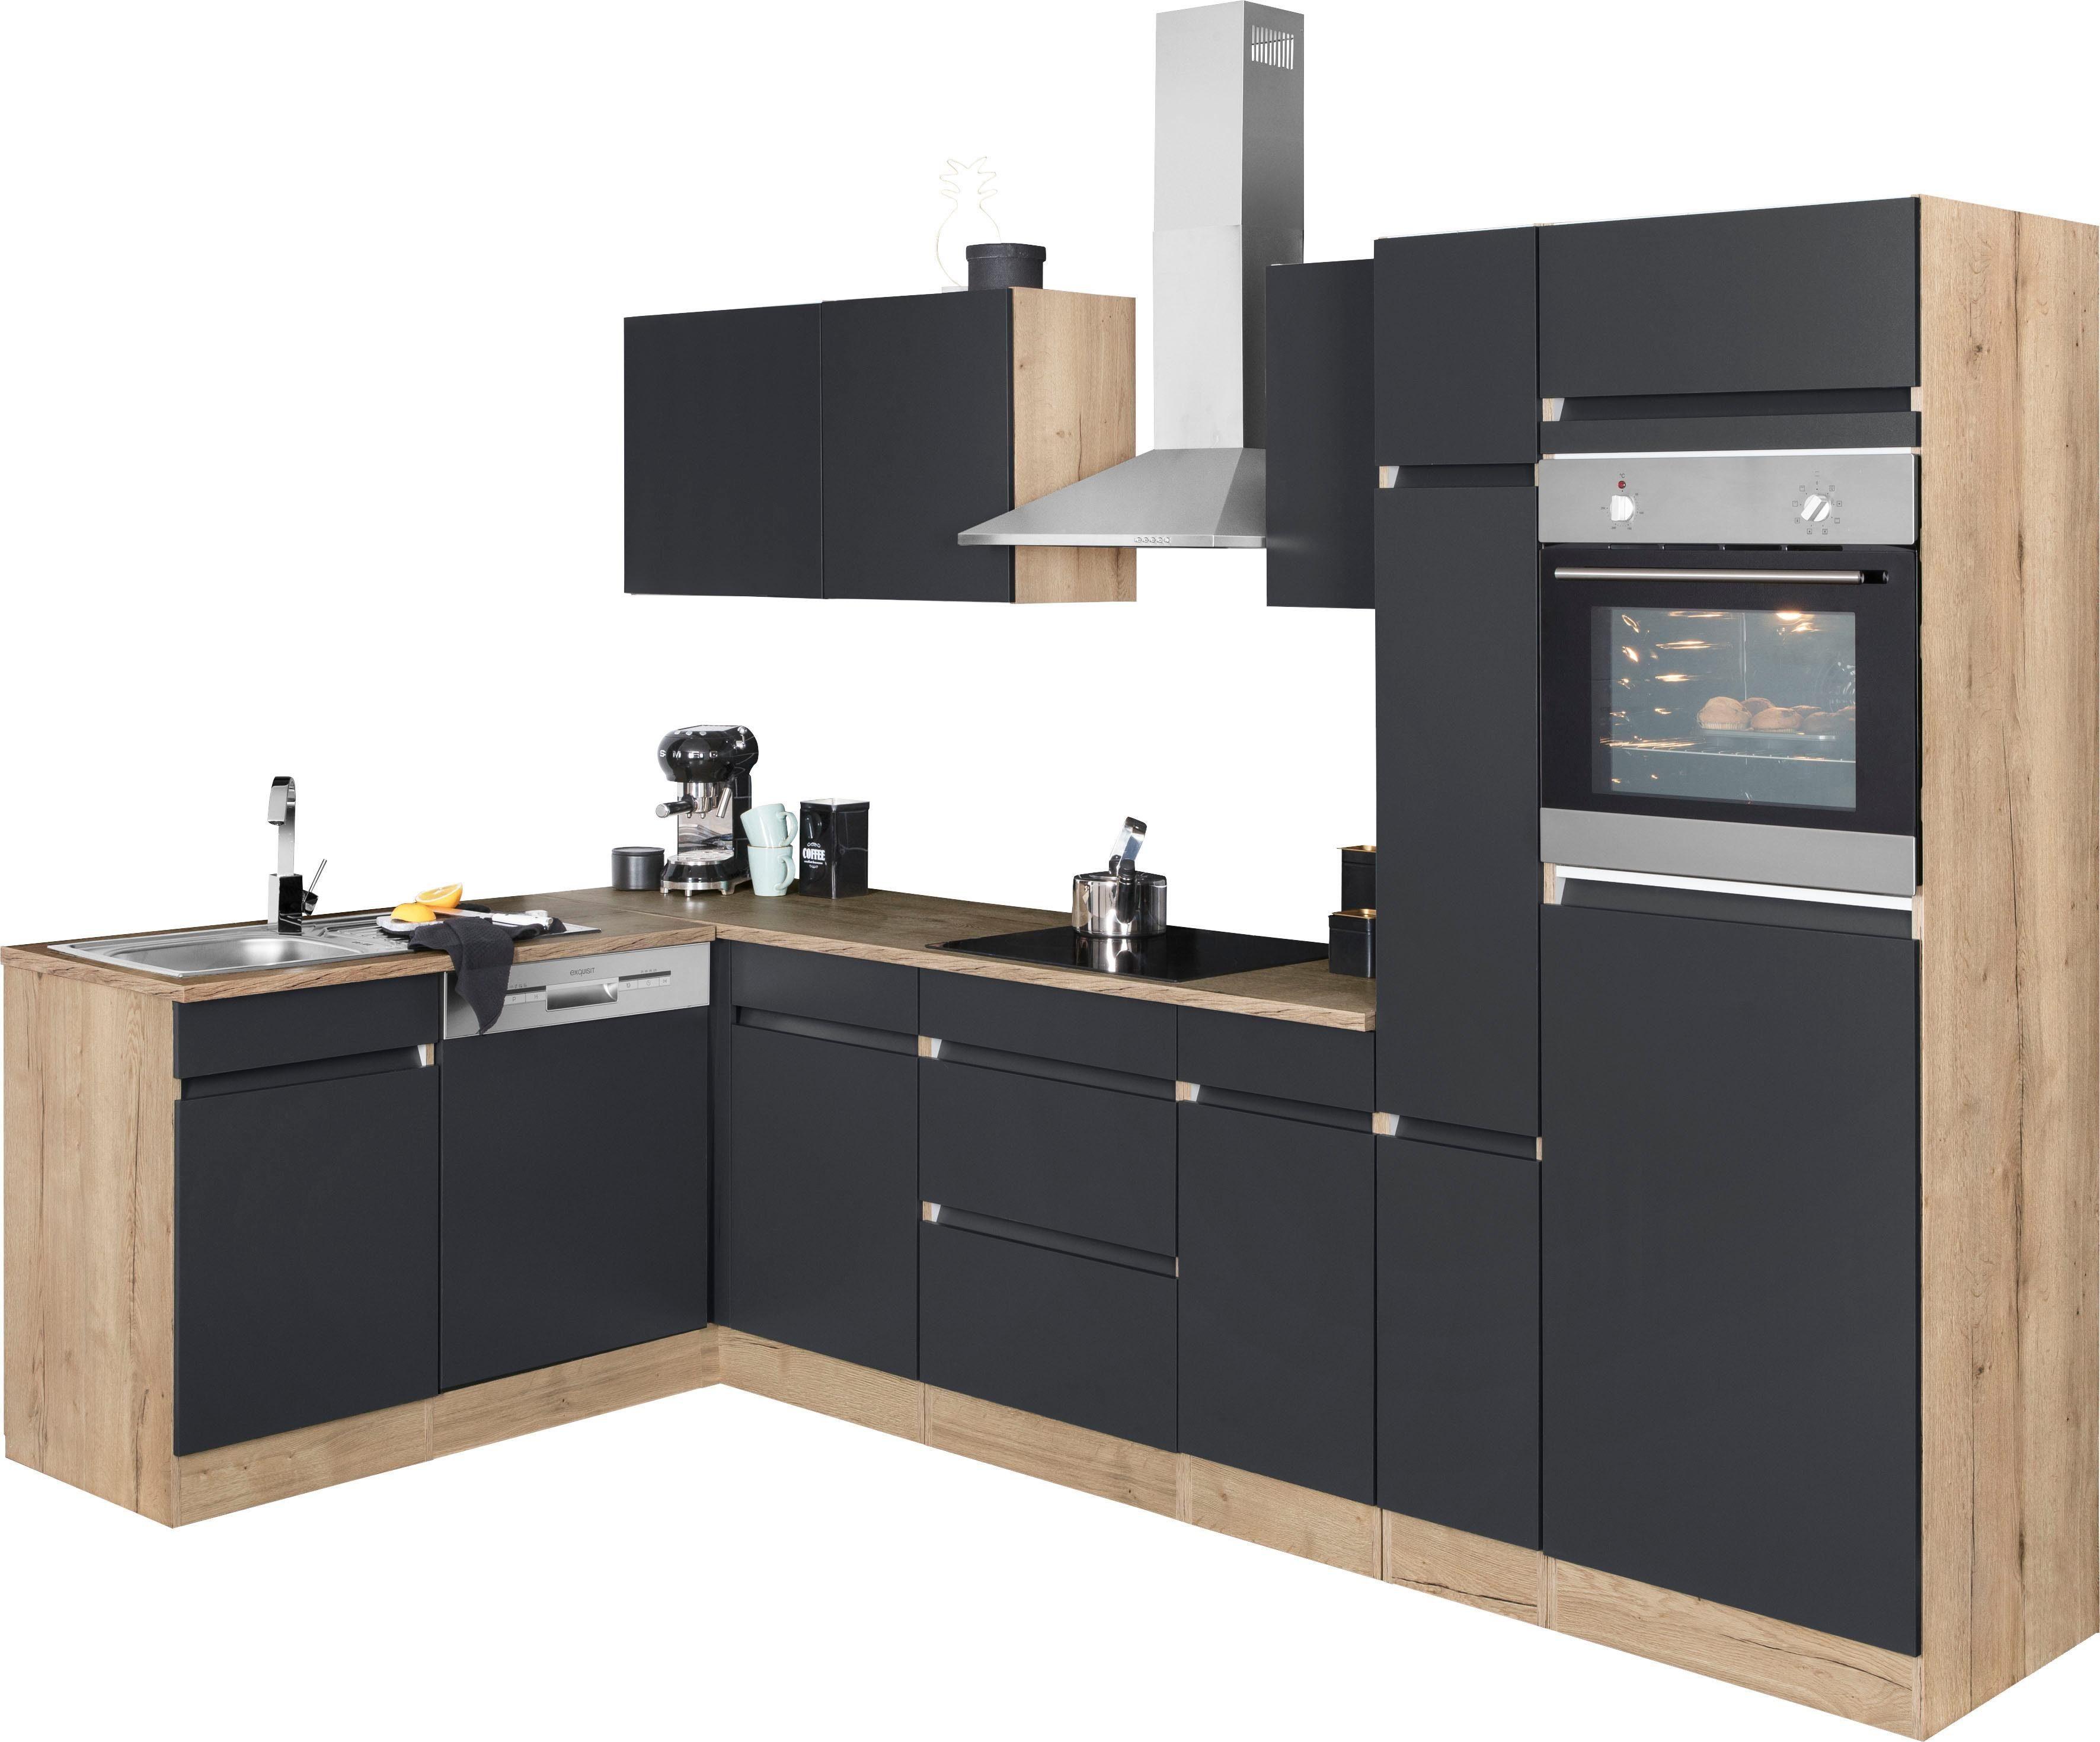 OPTIFIT Winkelküche Roth ohne E-Geräte Stellbreite 300 x 175 cm